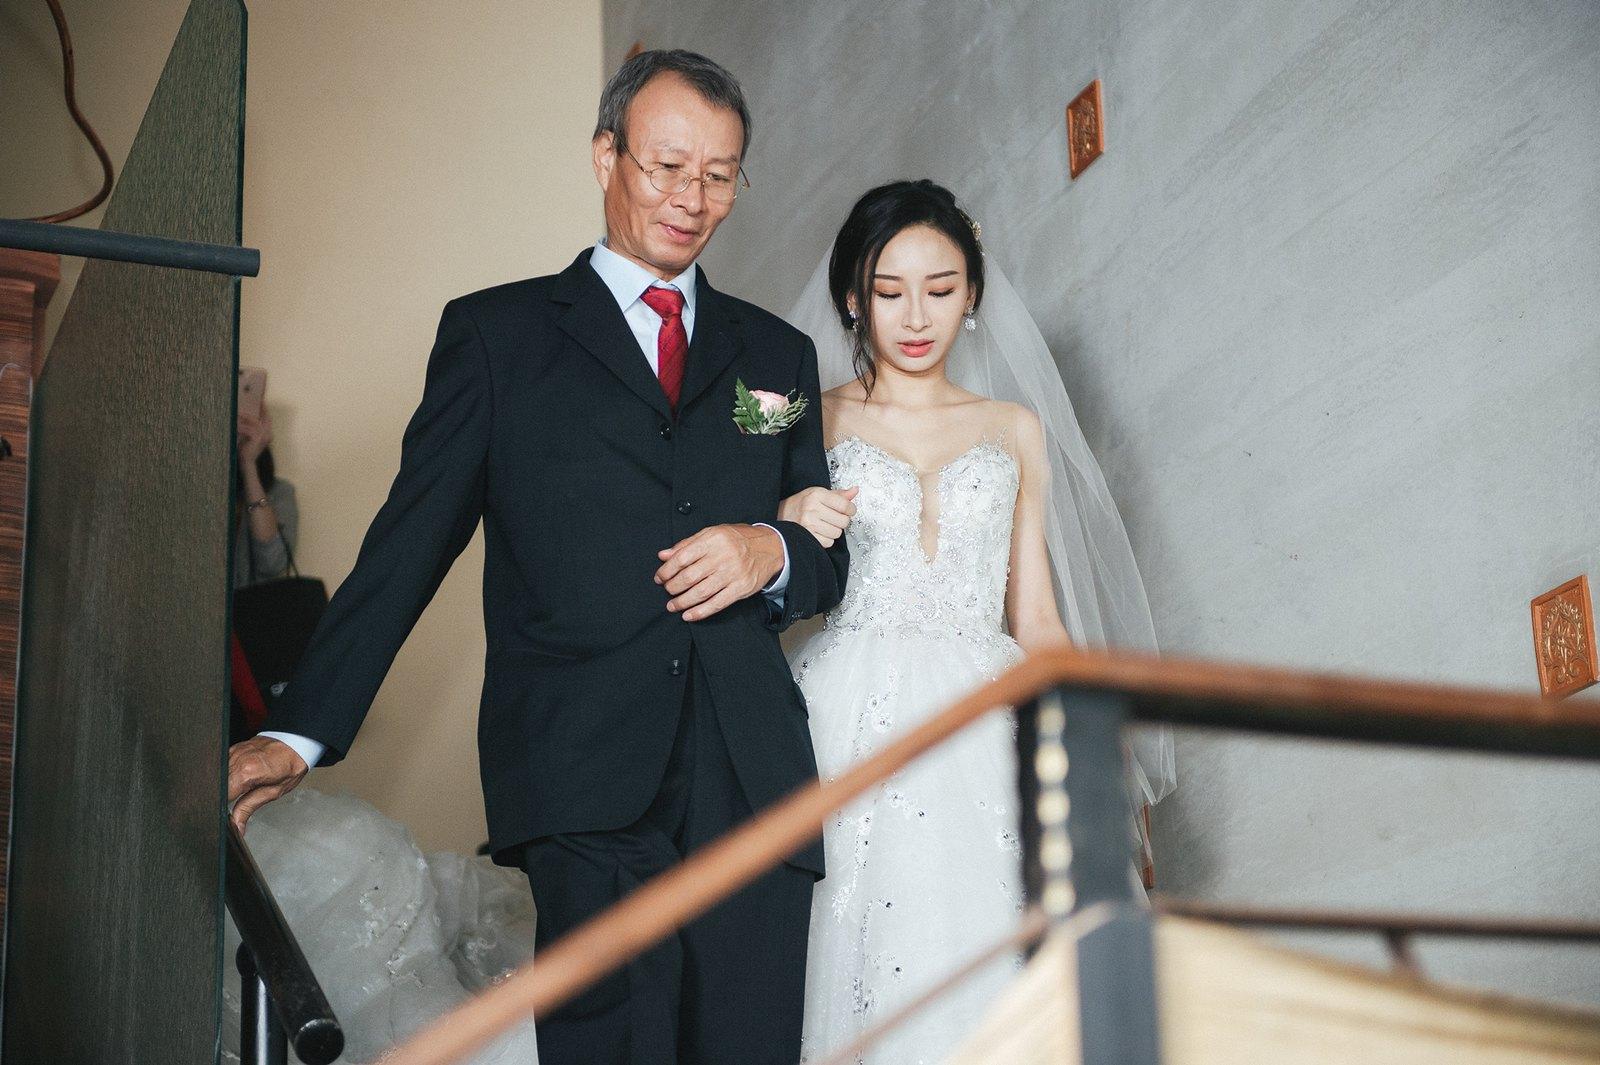 【婚攝】Michael & Susana / 掌上明珠會館